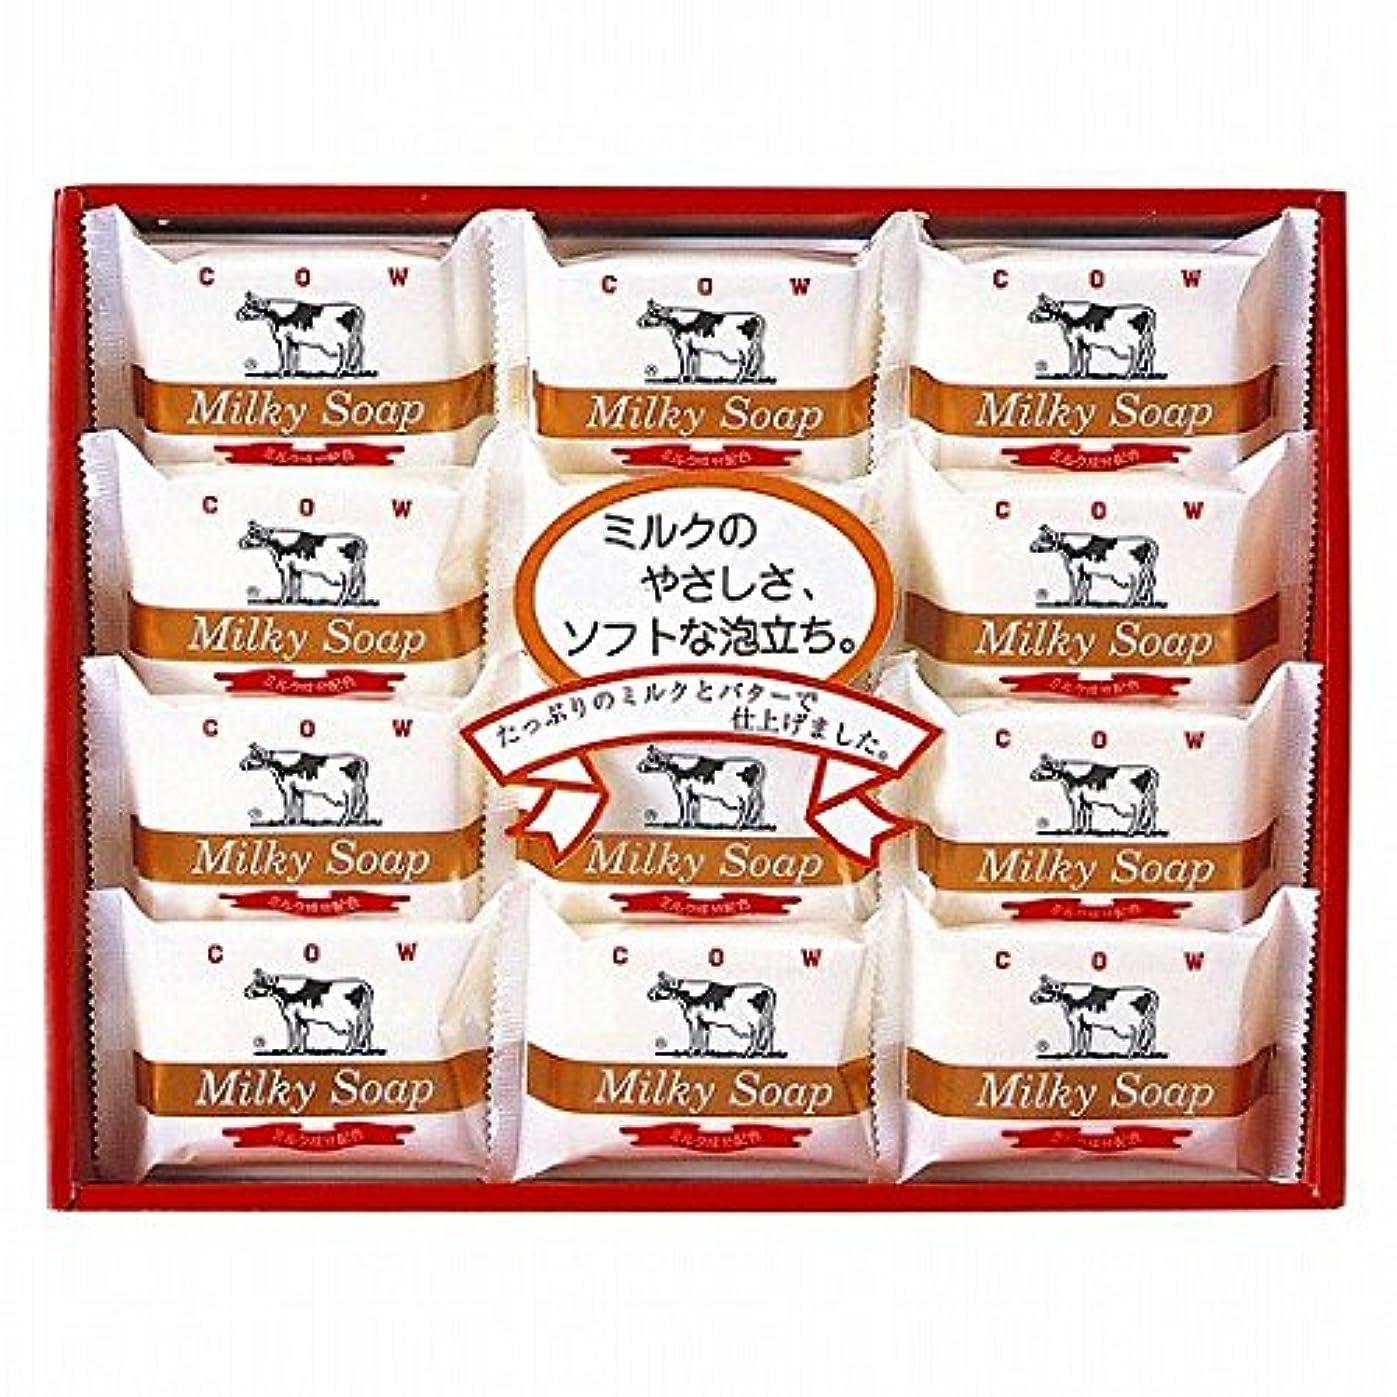 不誠実胃節約nobrand 牛乳石鹸 ゴールドソープセット (21940005)